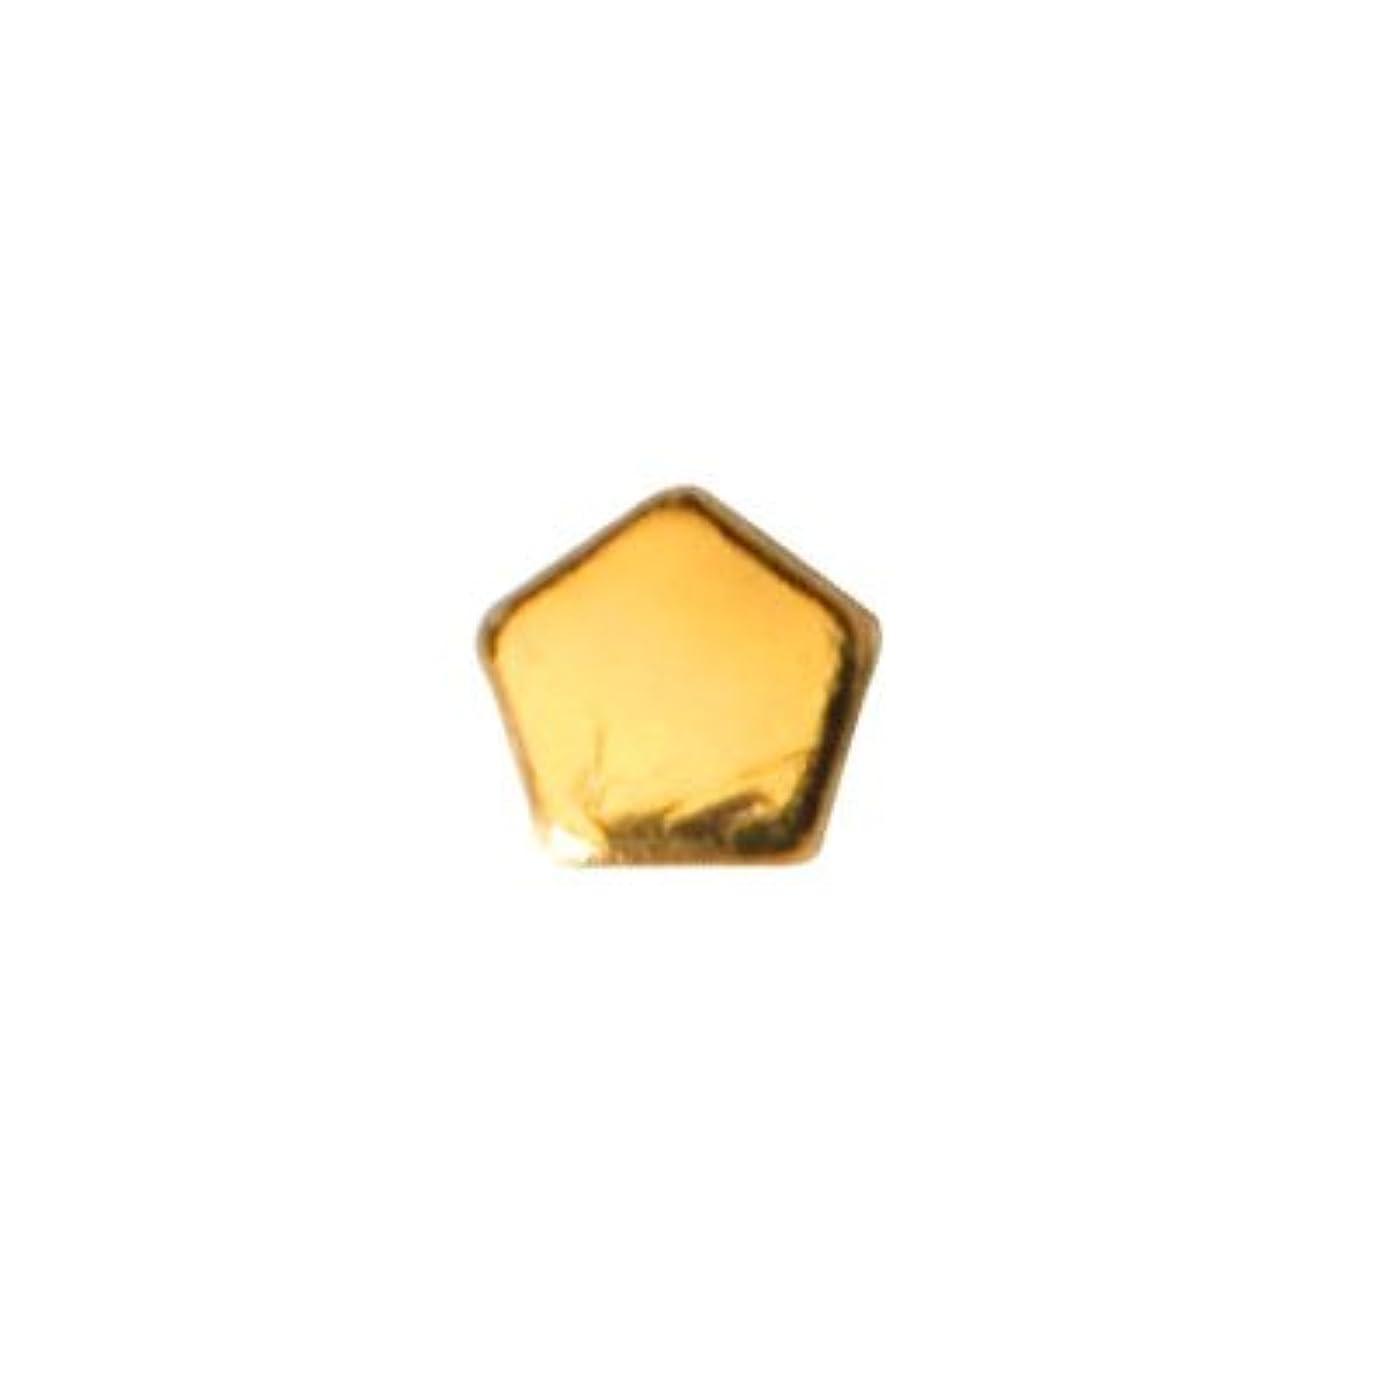 病気積分不機嫌ピアドラ スタッズ ペンタゴン 2mm 50P ゴールド